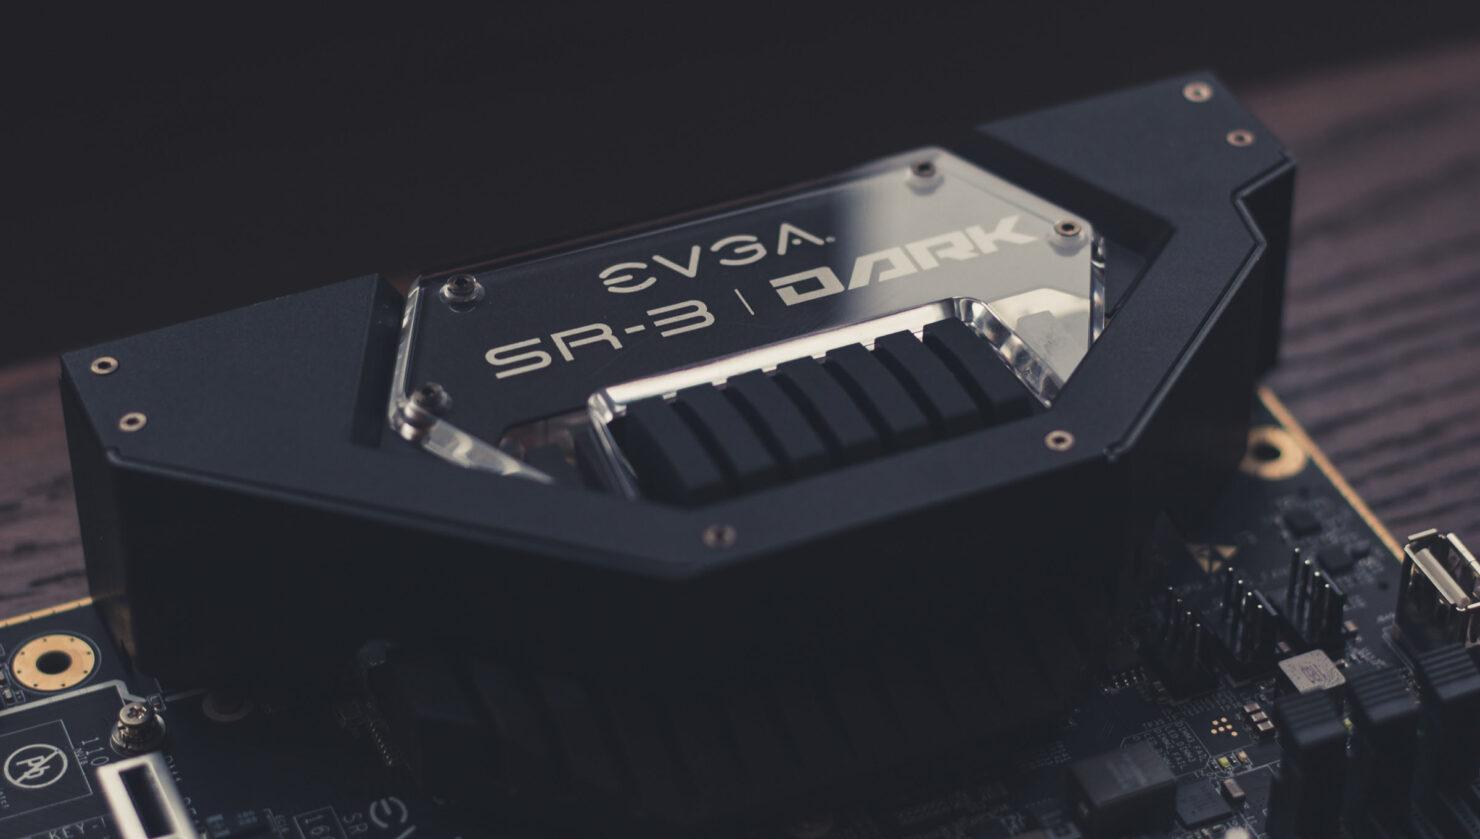 img_2383-evga-dark-sr-3-motherboard